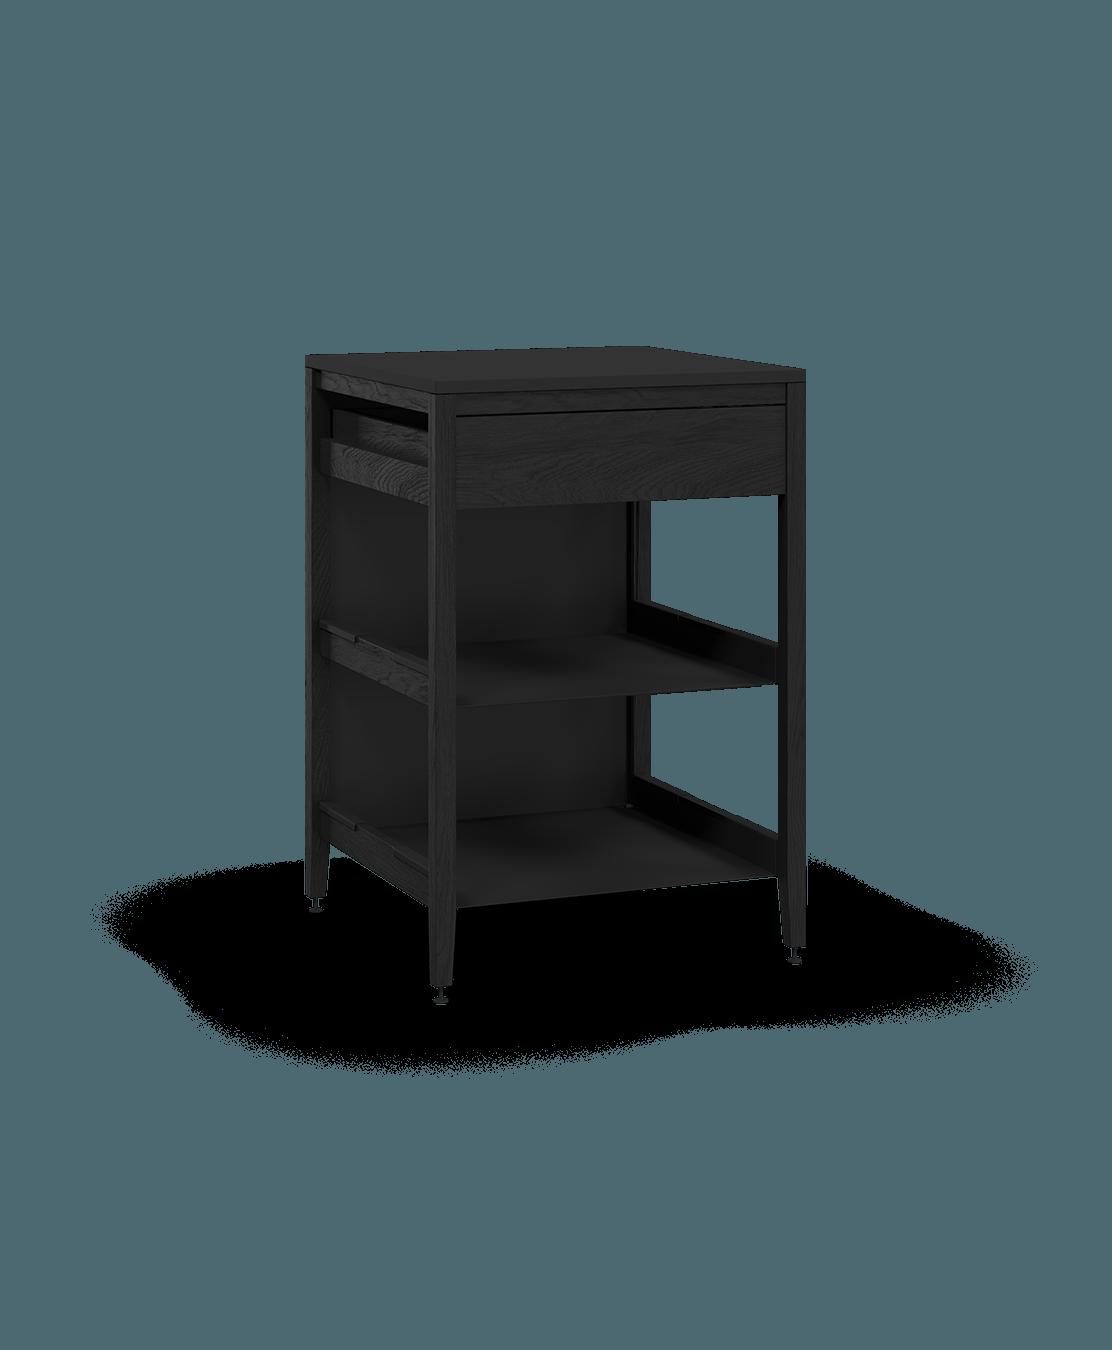 armoire de cuisine modulaire inférieure en bois massif coquo radix avec 2 tablettes 1 tiroir chêne teint noir nuit profonde 27 pouces C1-C-27TB-1022-BK